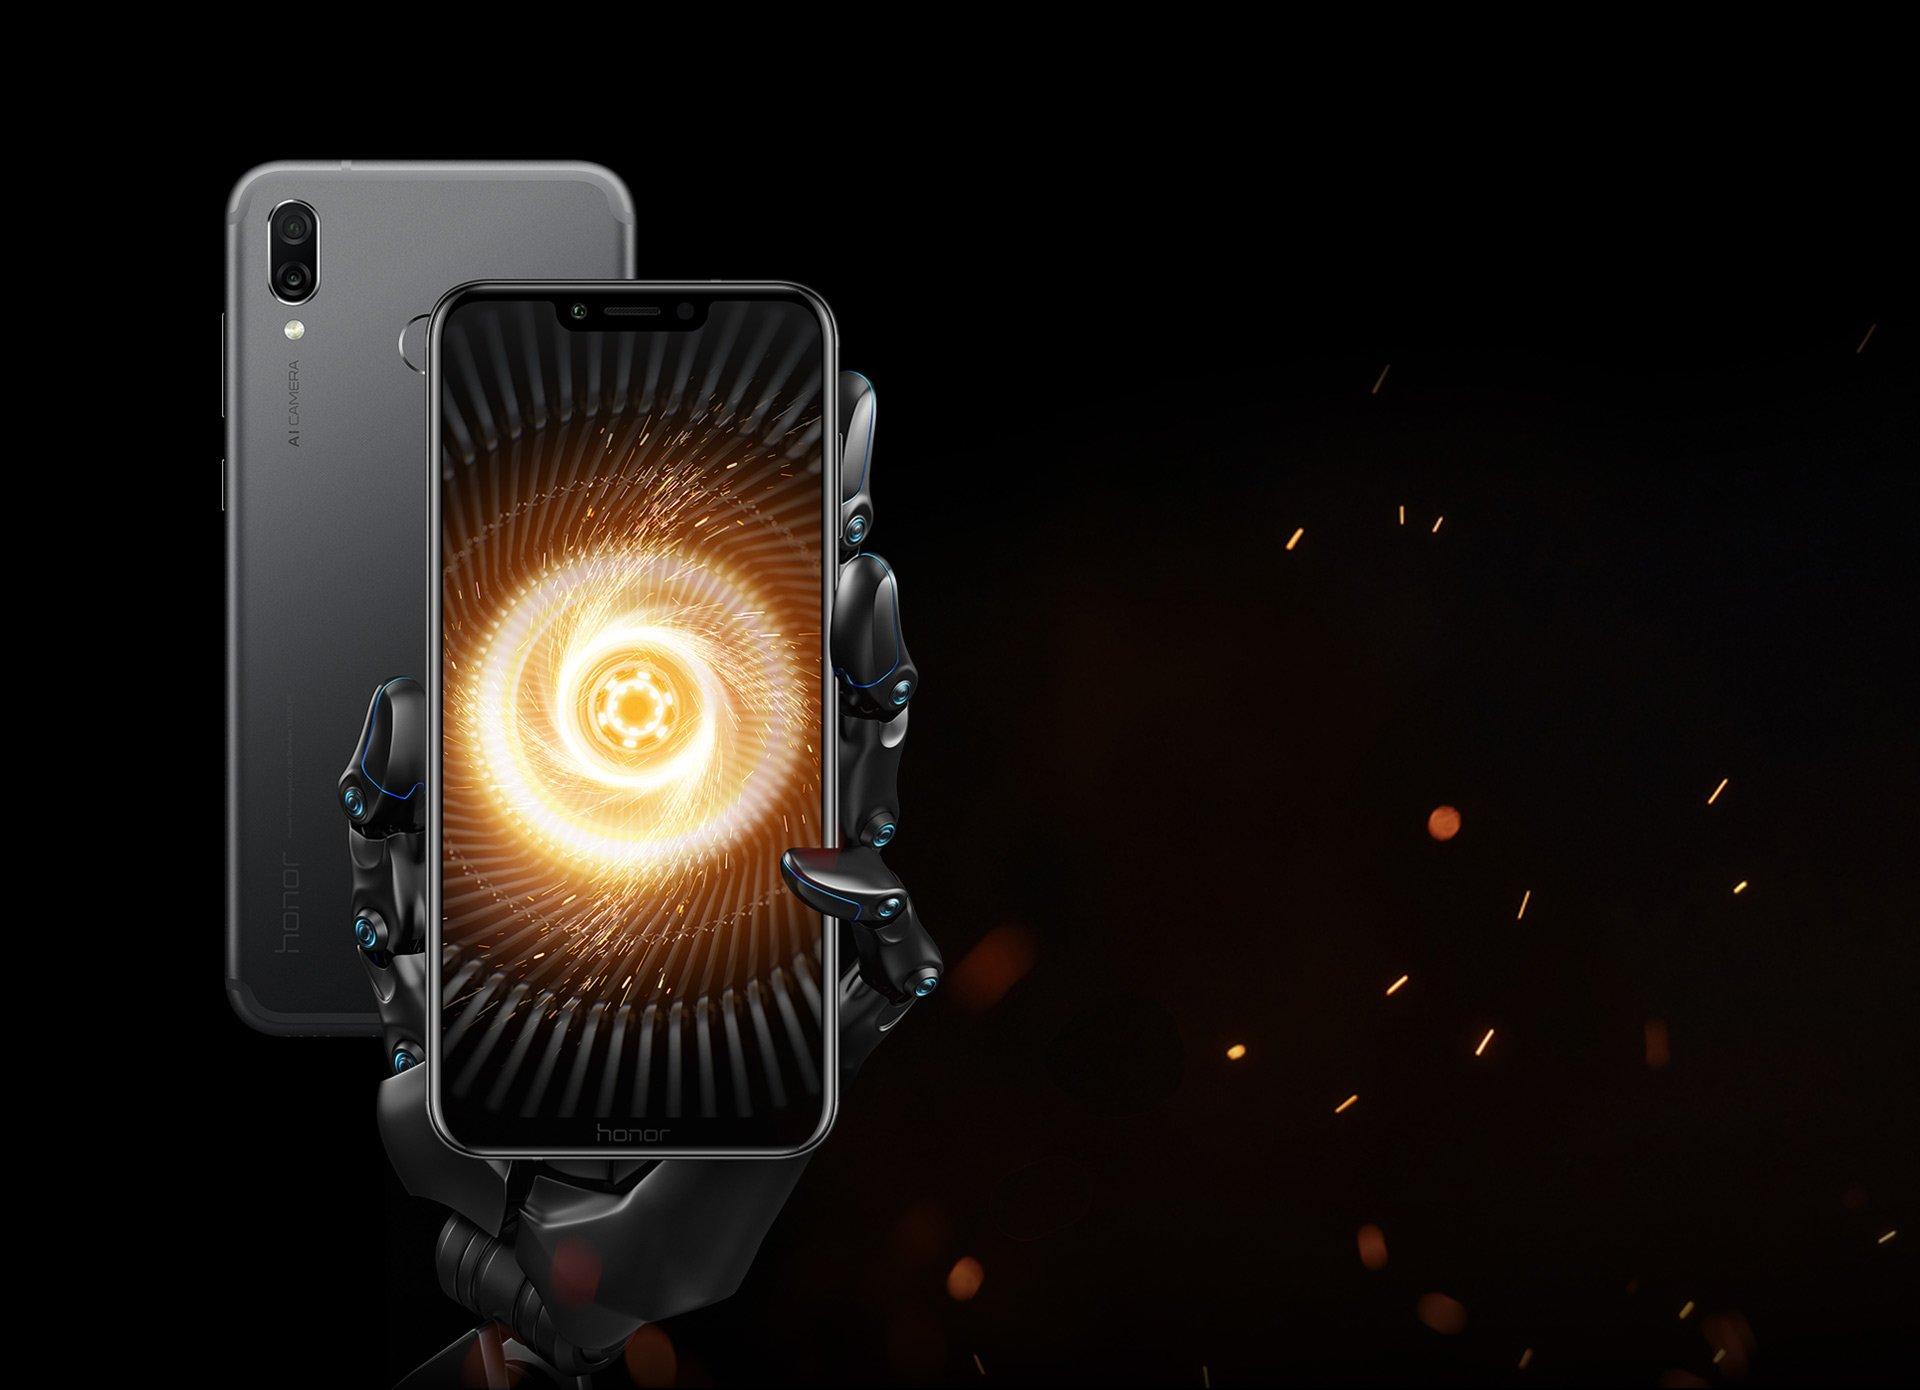 Pamiętacie gamingowy smartfon od Honora? Już jest w Polsce - znamy cenę 29